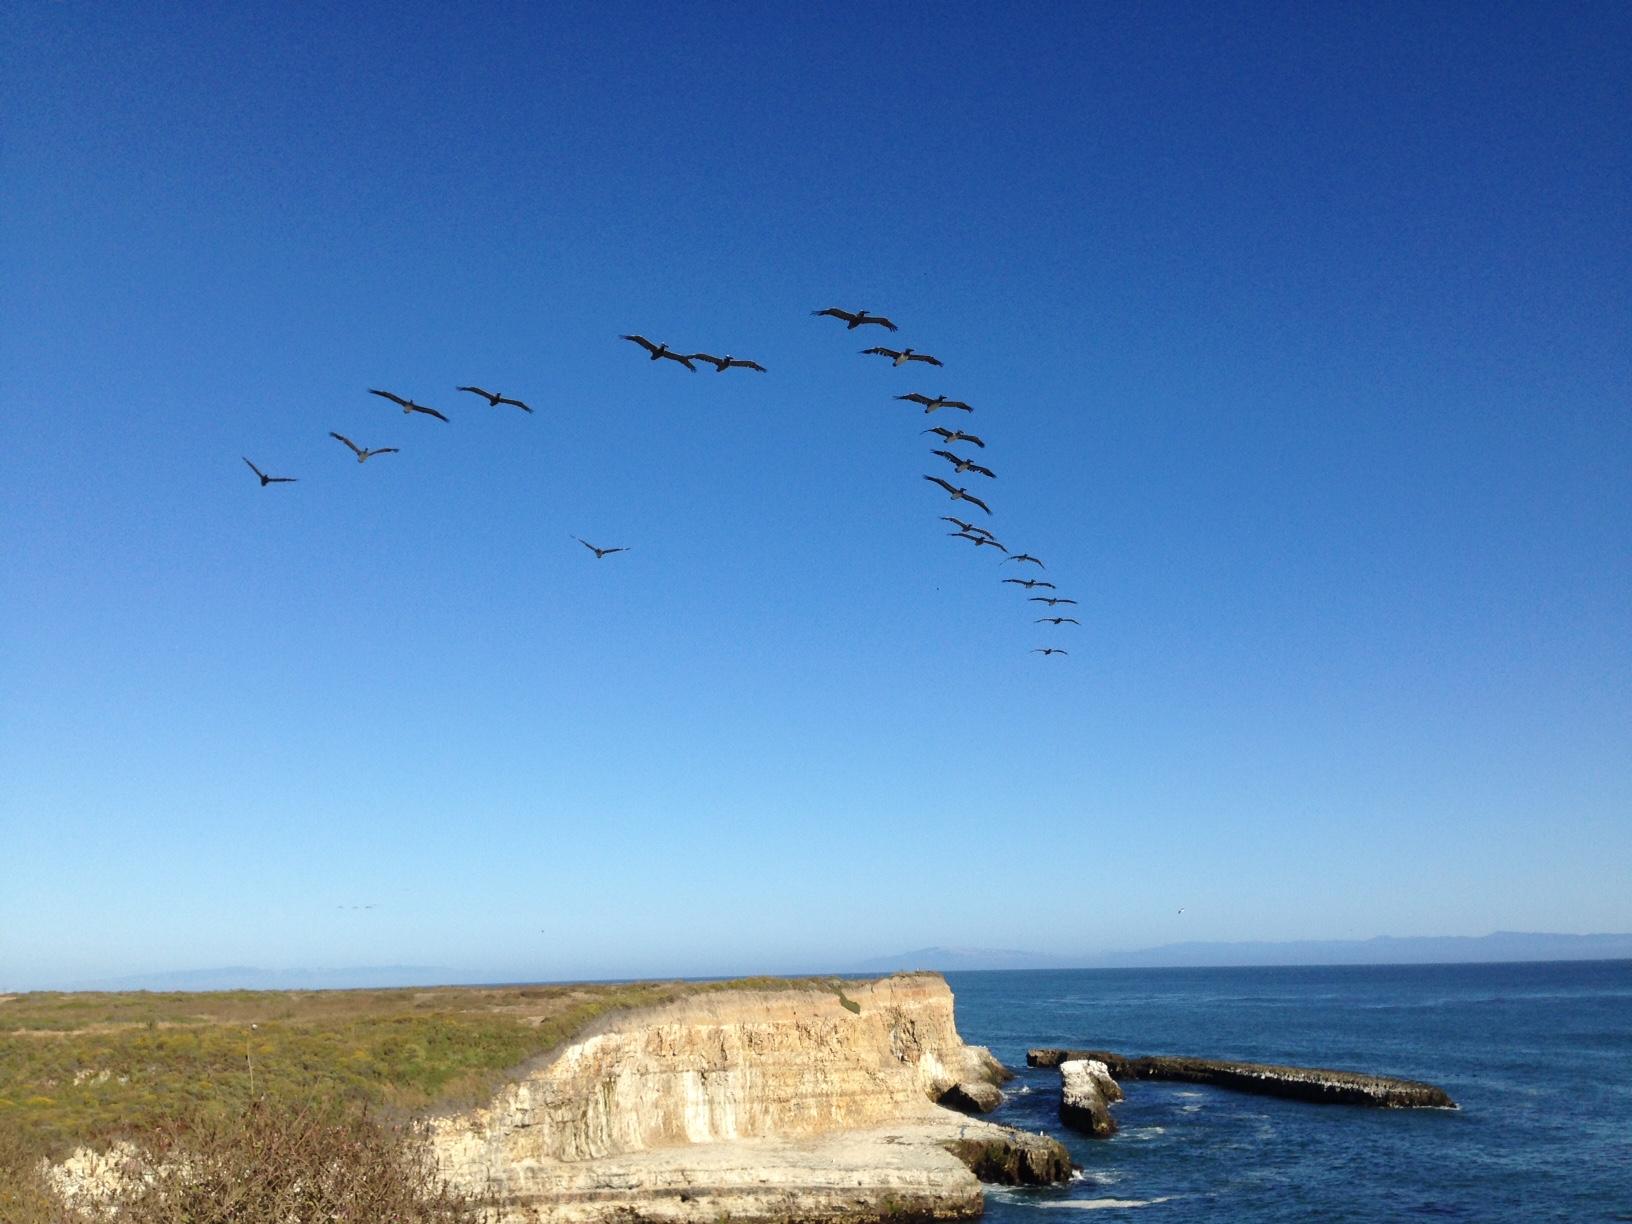 Pelicans Flying Over Ocean Cliffs